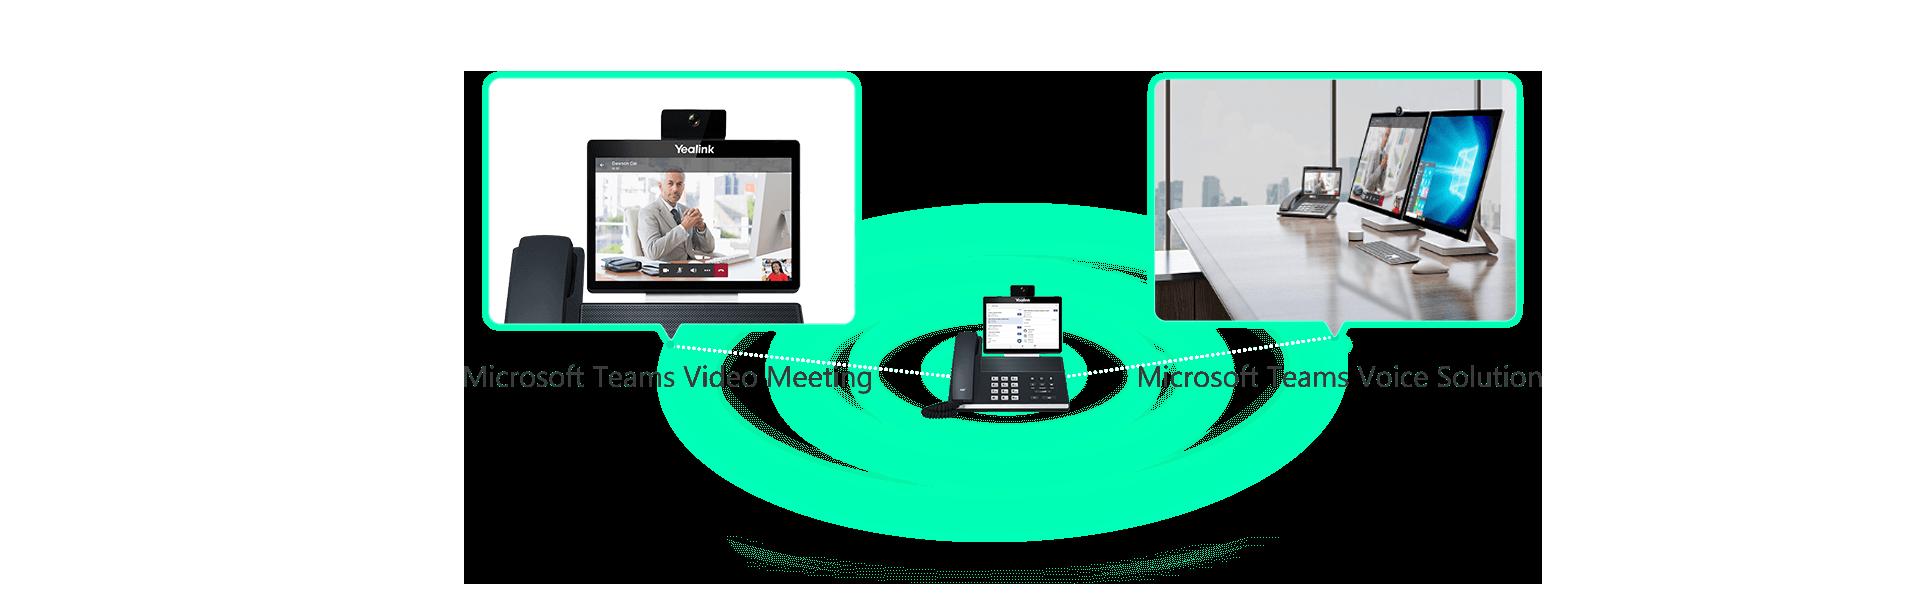 Yealink VP59 Teams Phone - Hong Kong Supplier - Sipmax Technology Group - 香港代理